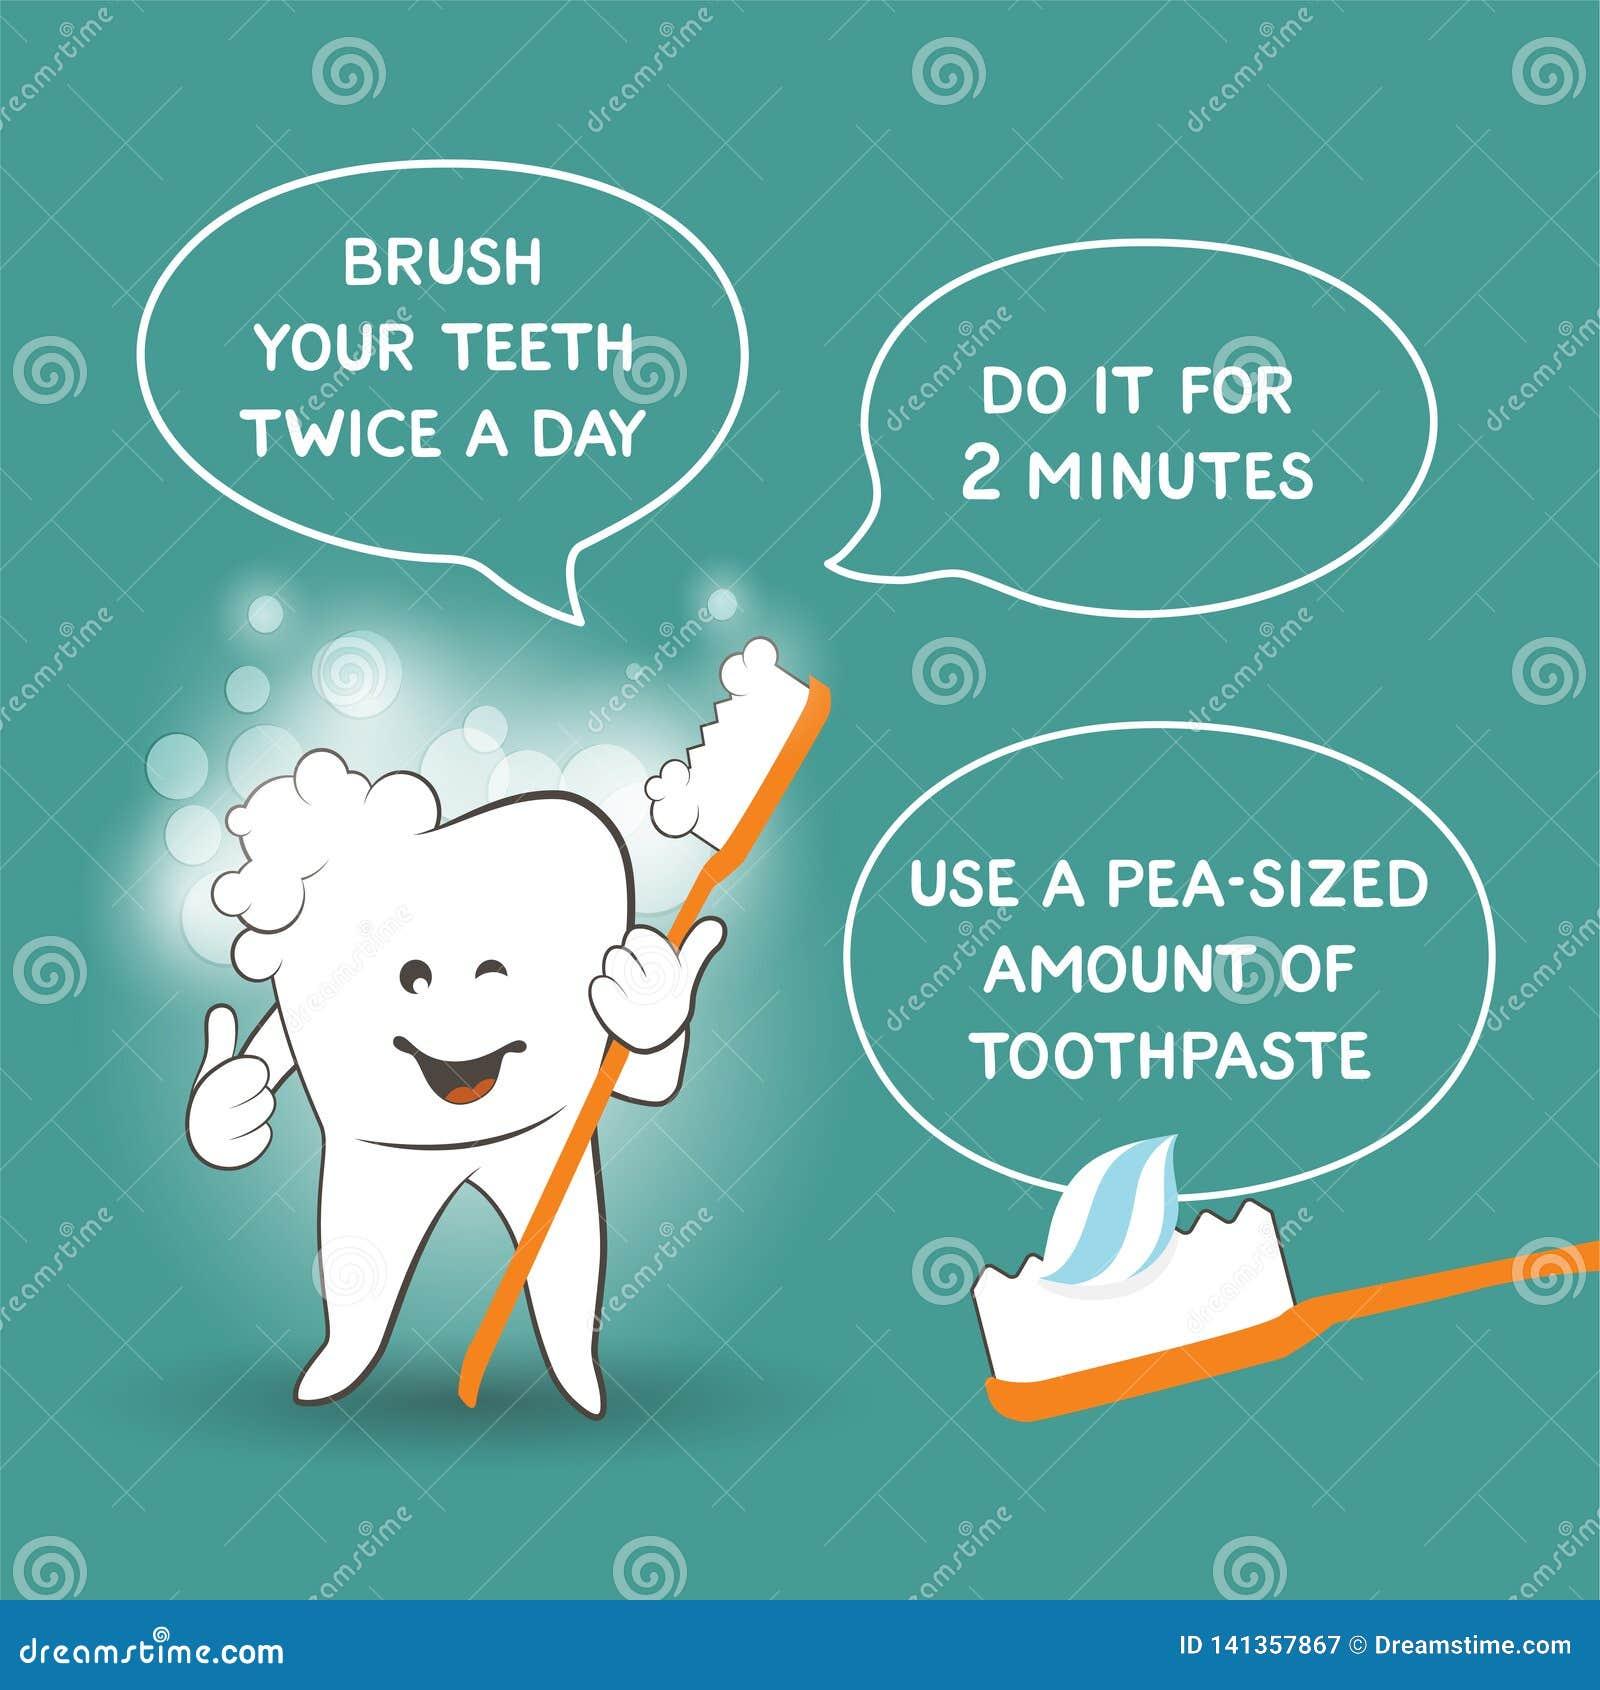 Instrucción para los niños cómo cepillar correctamente sus dientes - el consejo del dentista Cartel del cuidado del diente para l